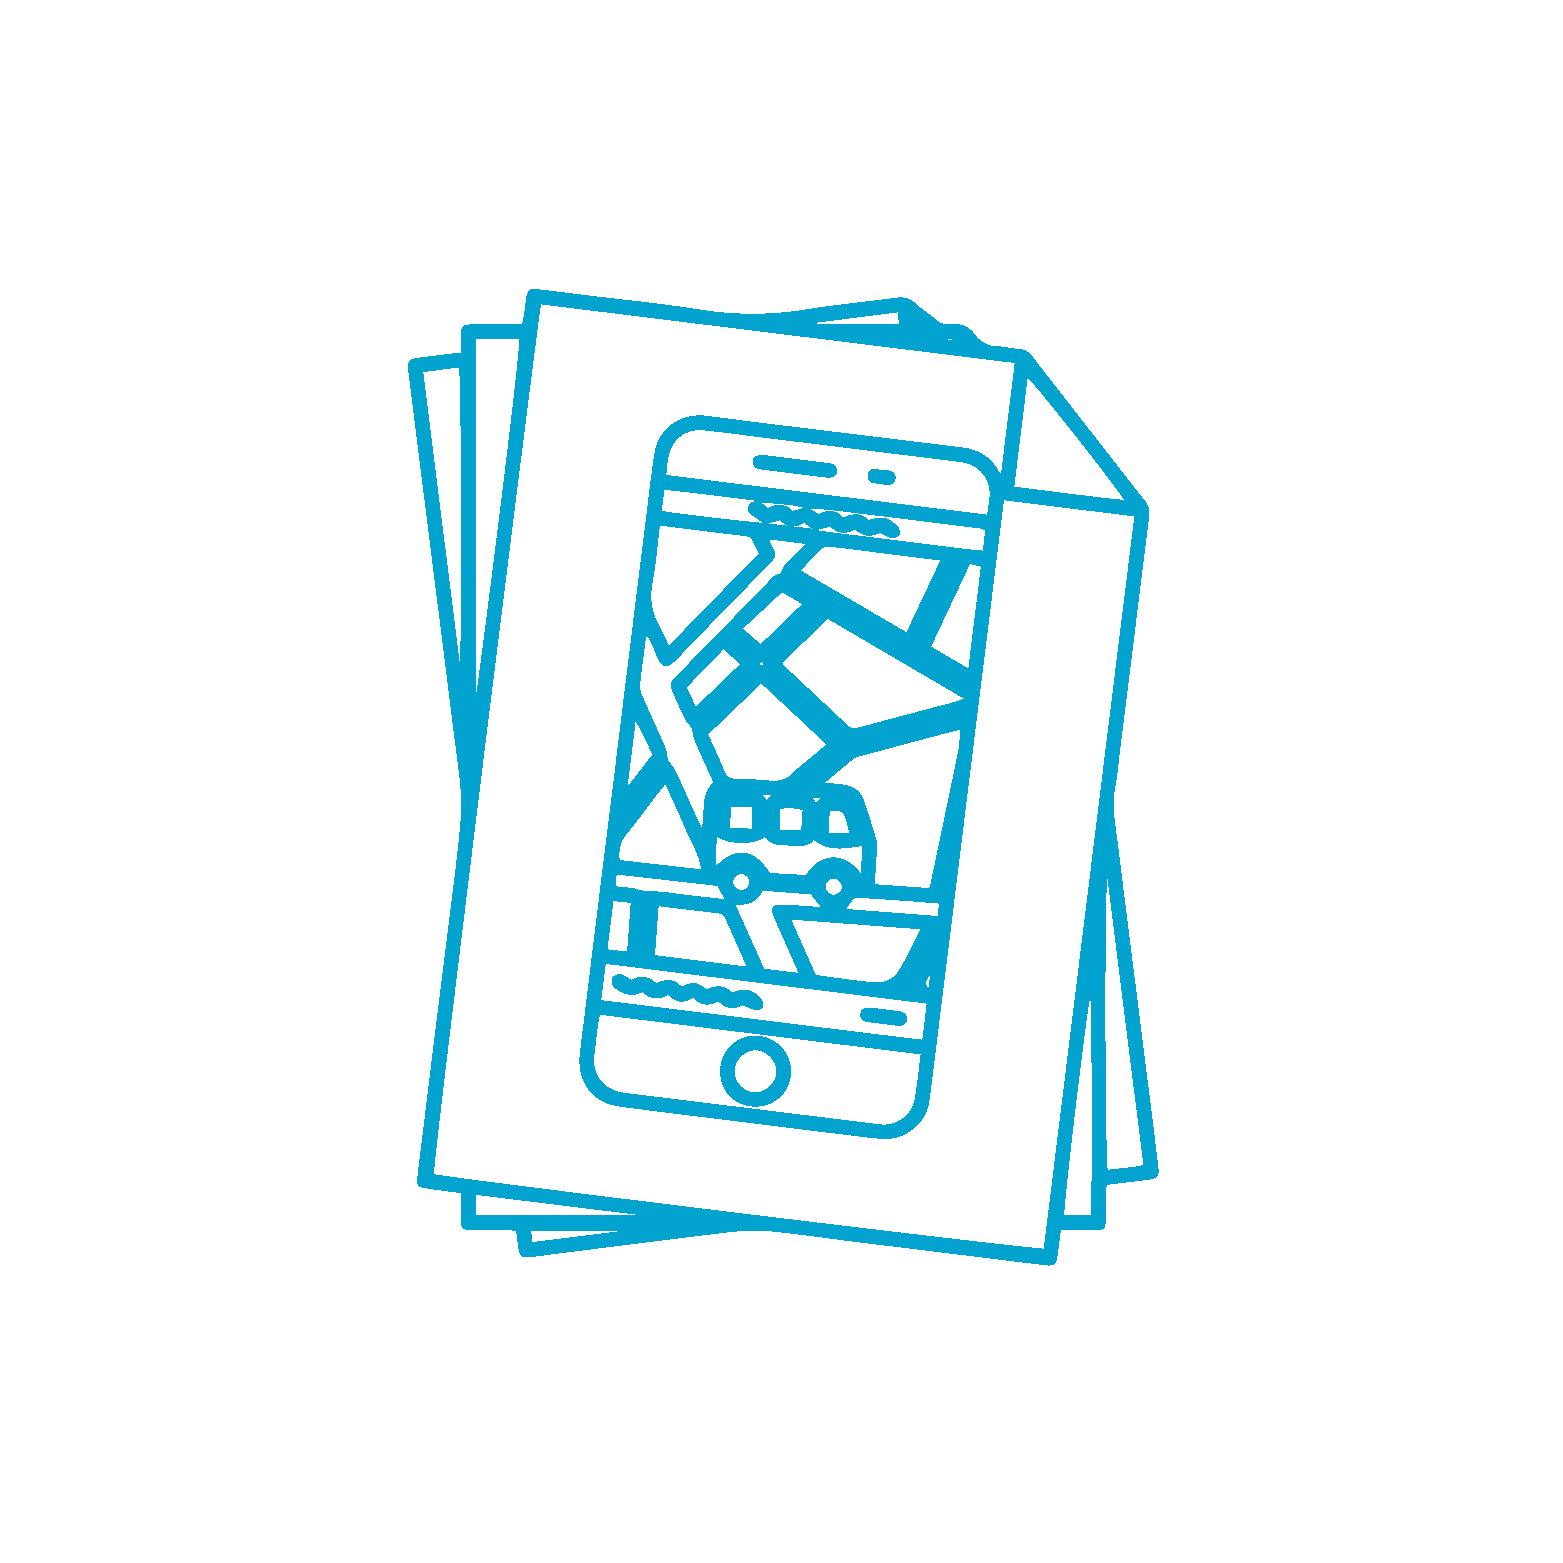 Design Sprint - Prototype